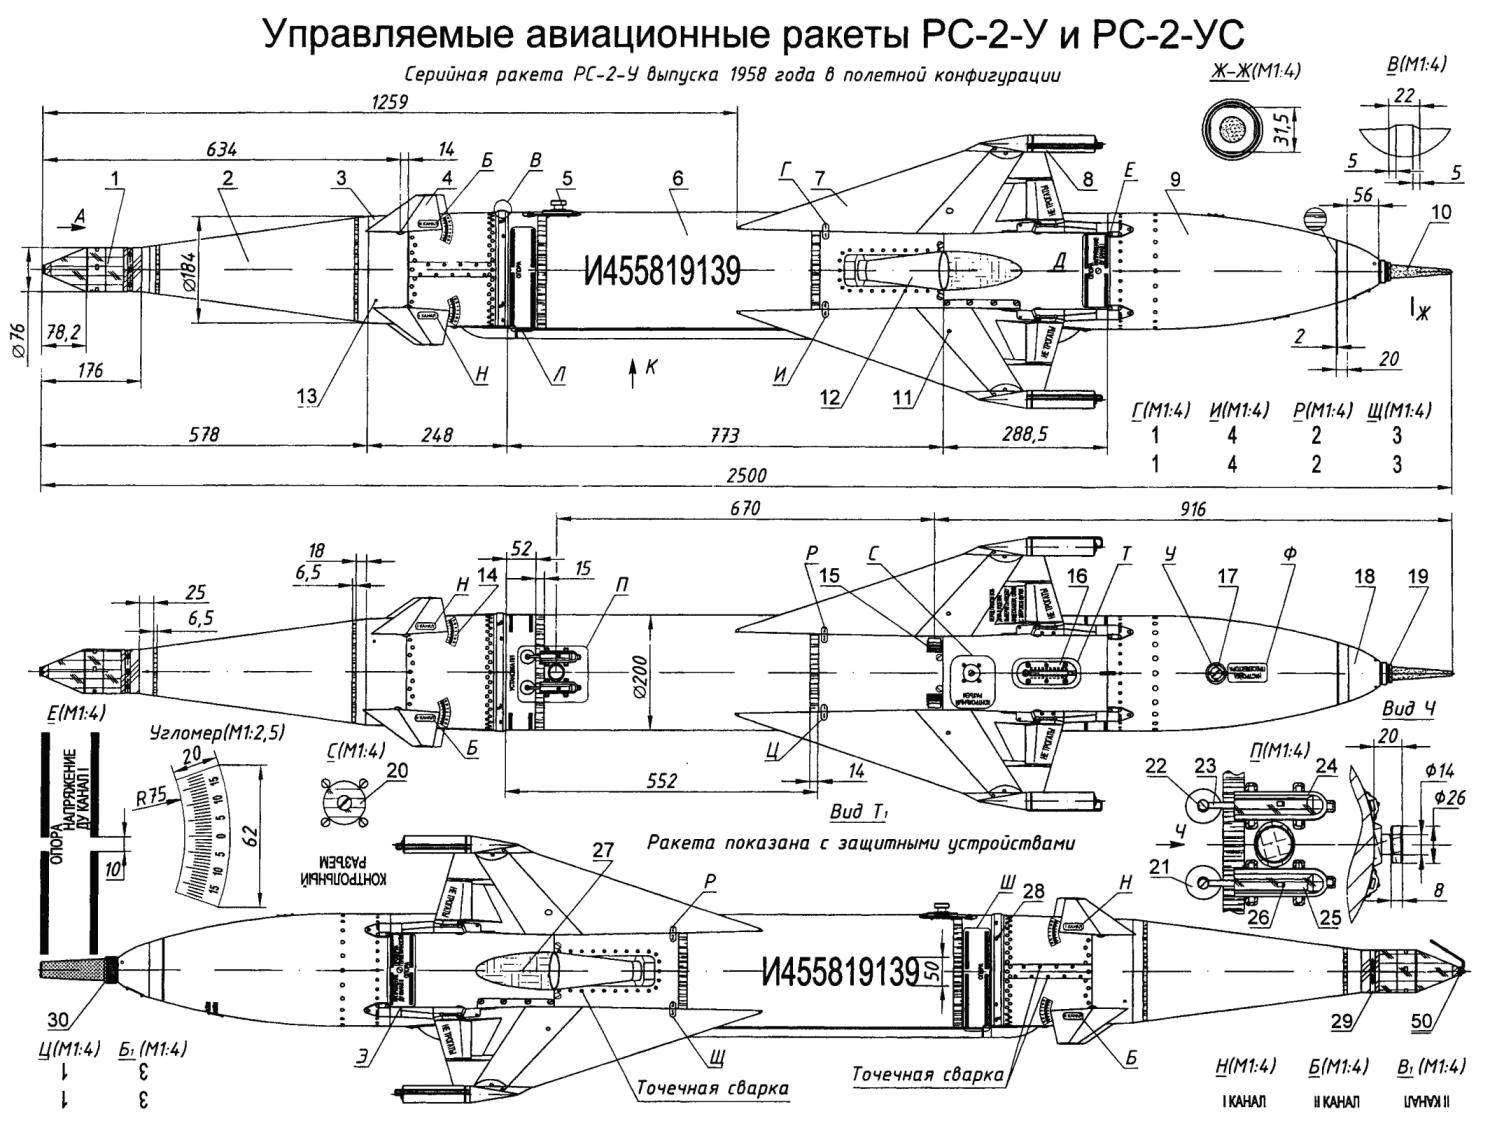 Управляемые авиационные ракеты РС-2-У и РС-2-УС